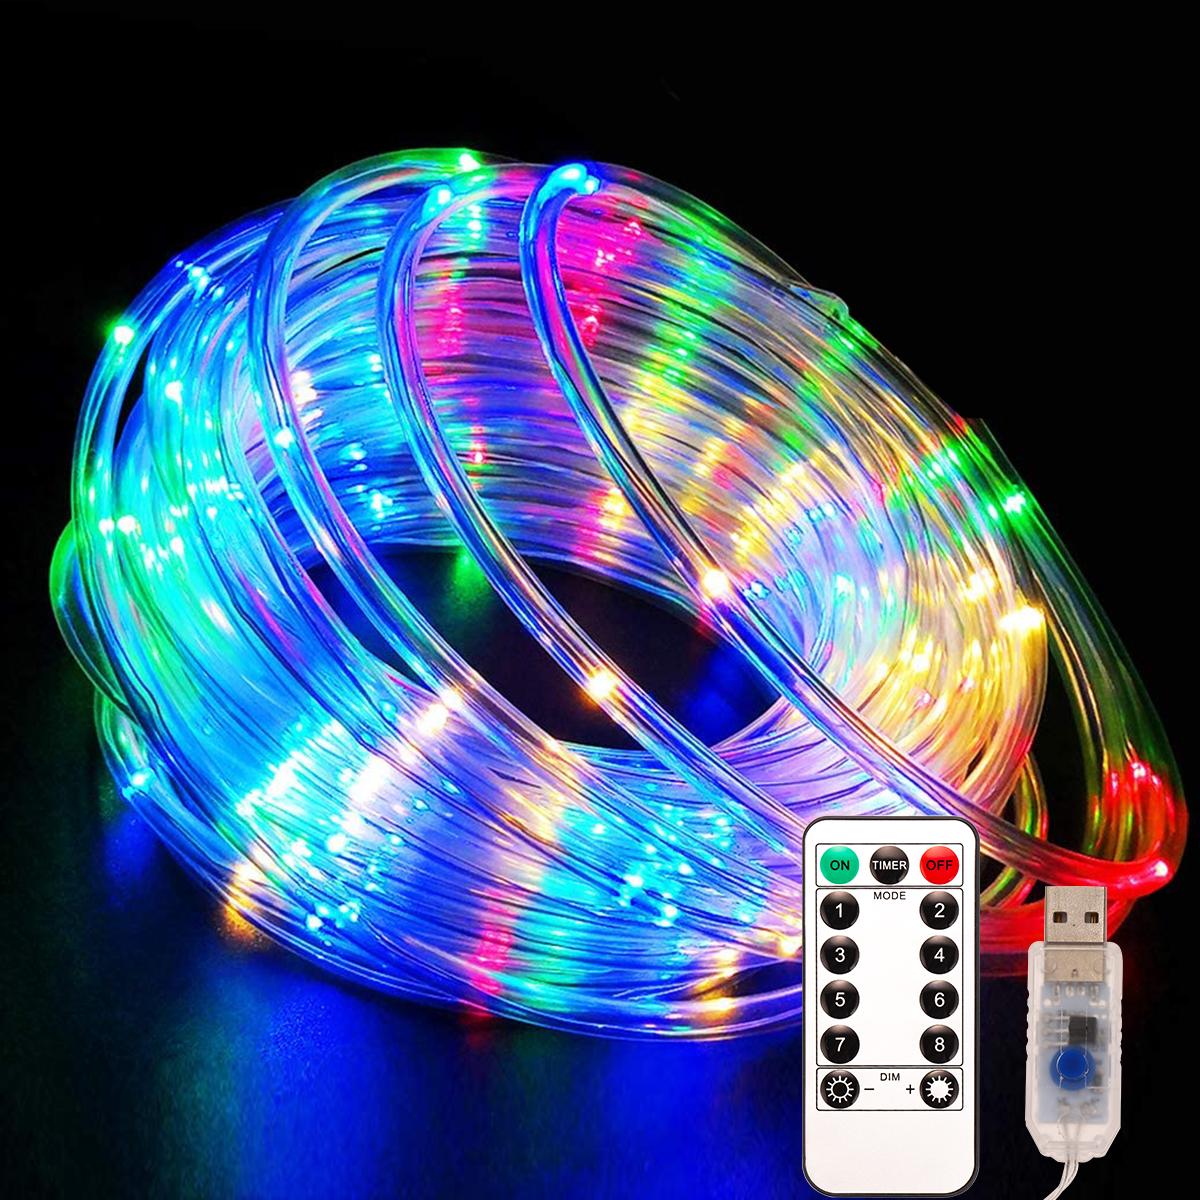 100 एल ई डी 12 मीटर यूएसबी चार्ज IP67 निविड़ अंधकार आउटडोर क्रिसमस प्रकाश उद्यान सजावटी रस्सी प्रकाश